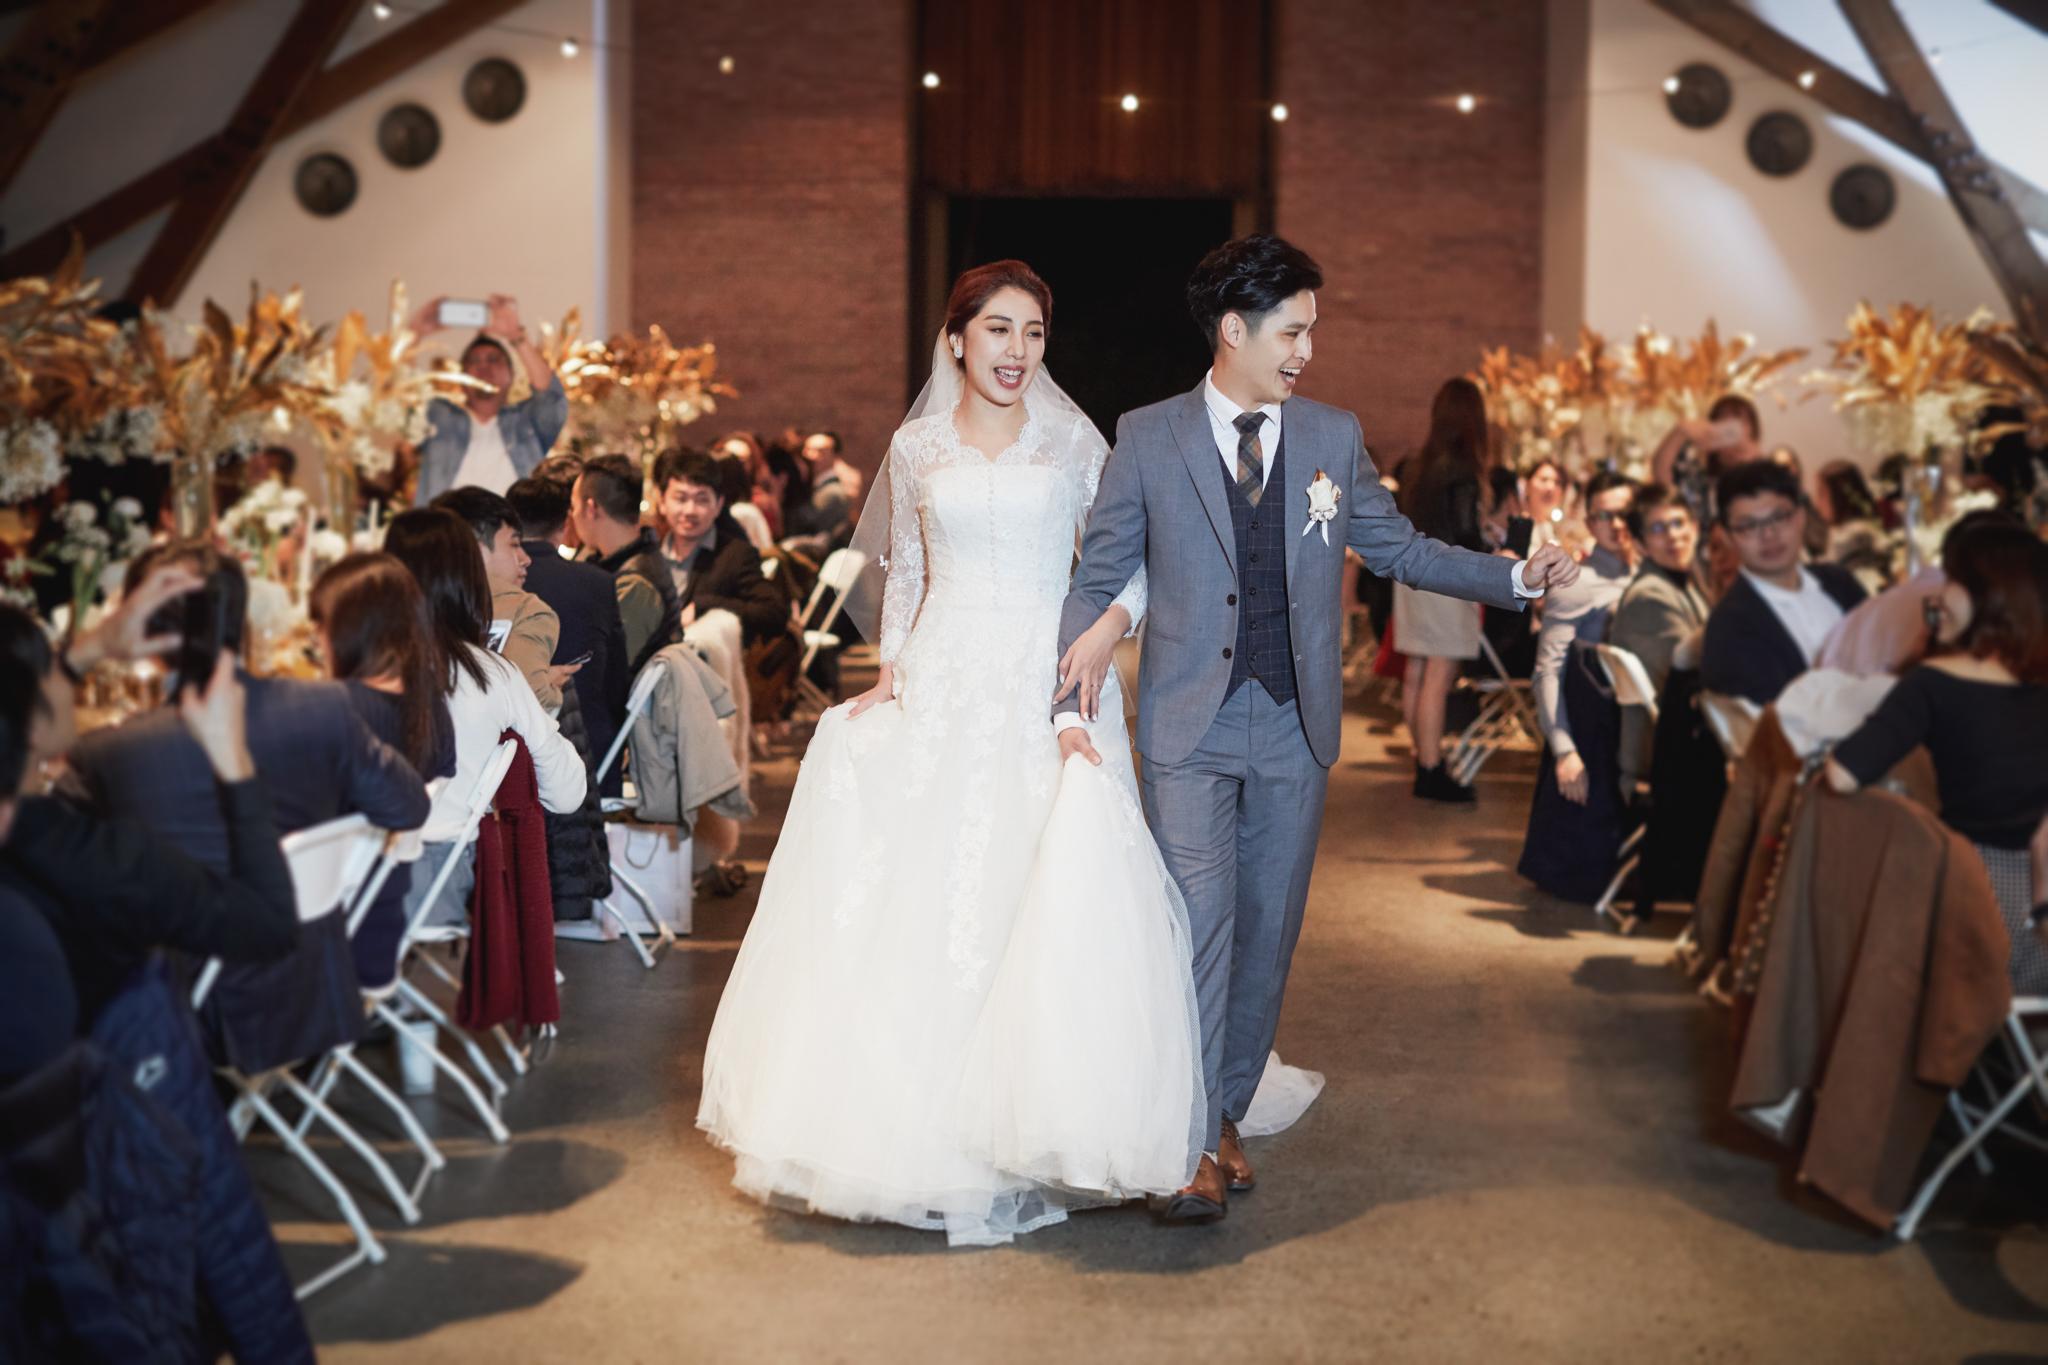 顏牧牧場婚禮, 婚攝推薦,台中婚攝,後院婚禮,戶外婚禮,美式婚禮-94